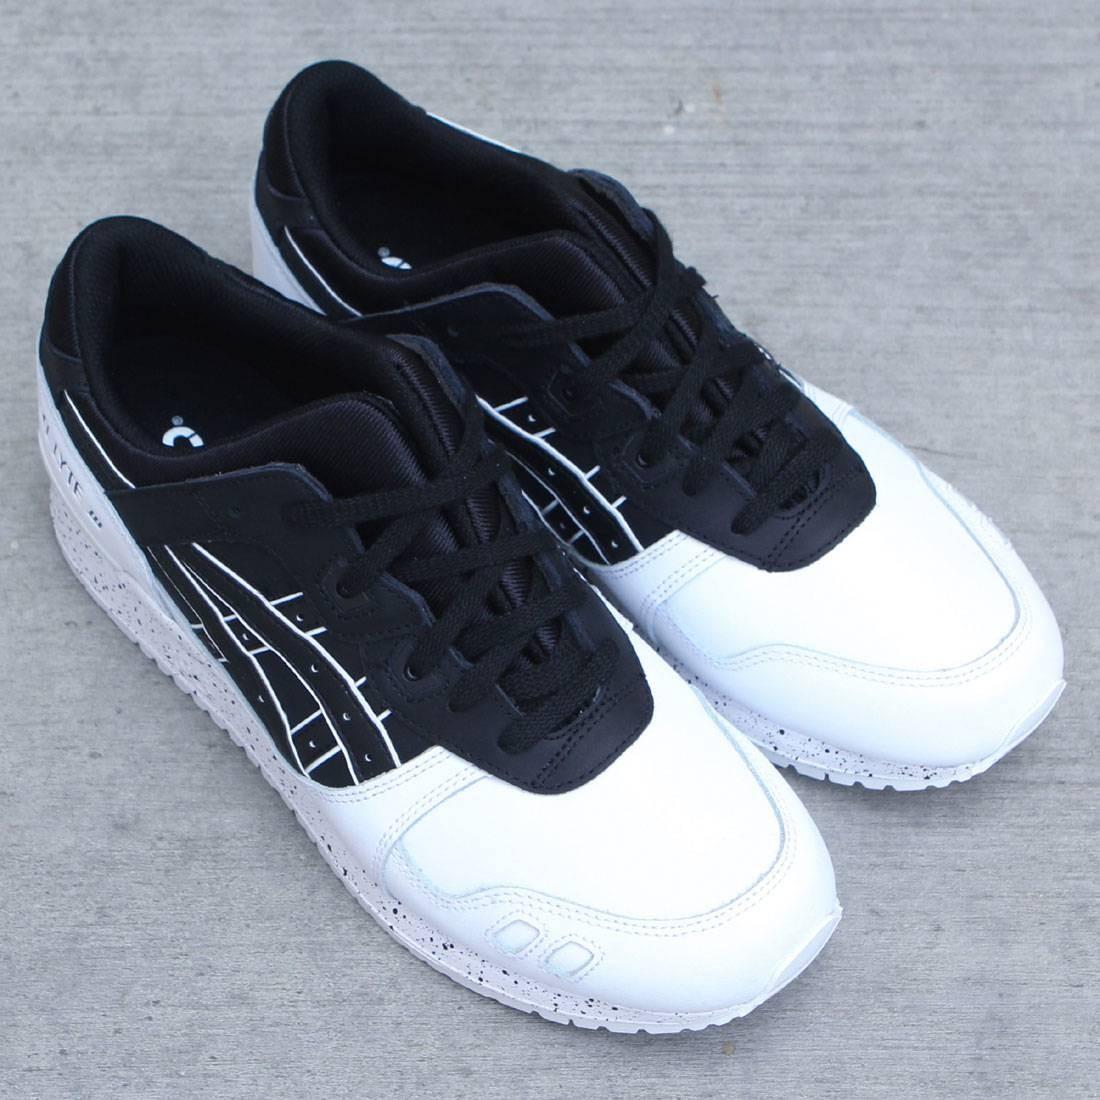 asics tiger men gel lyte iii black black white. Black Bedroom Furniture Sets. Home Design Ideas